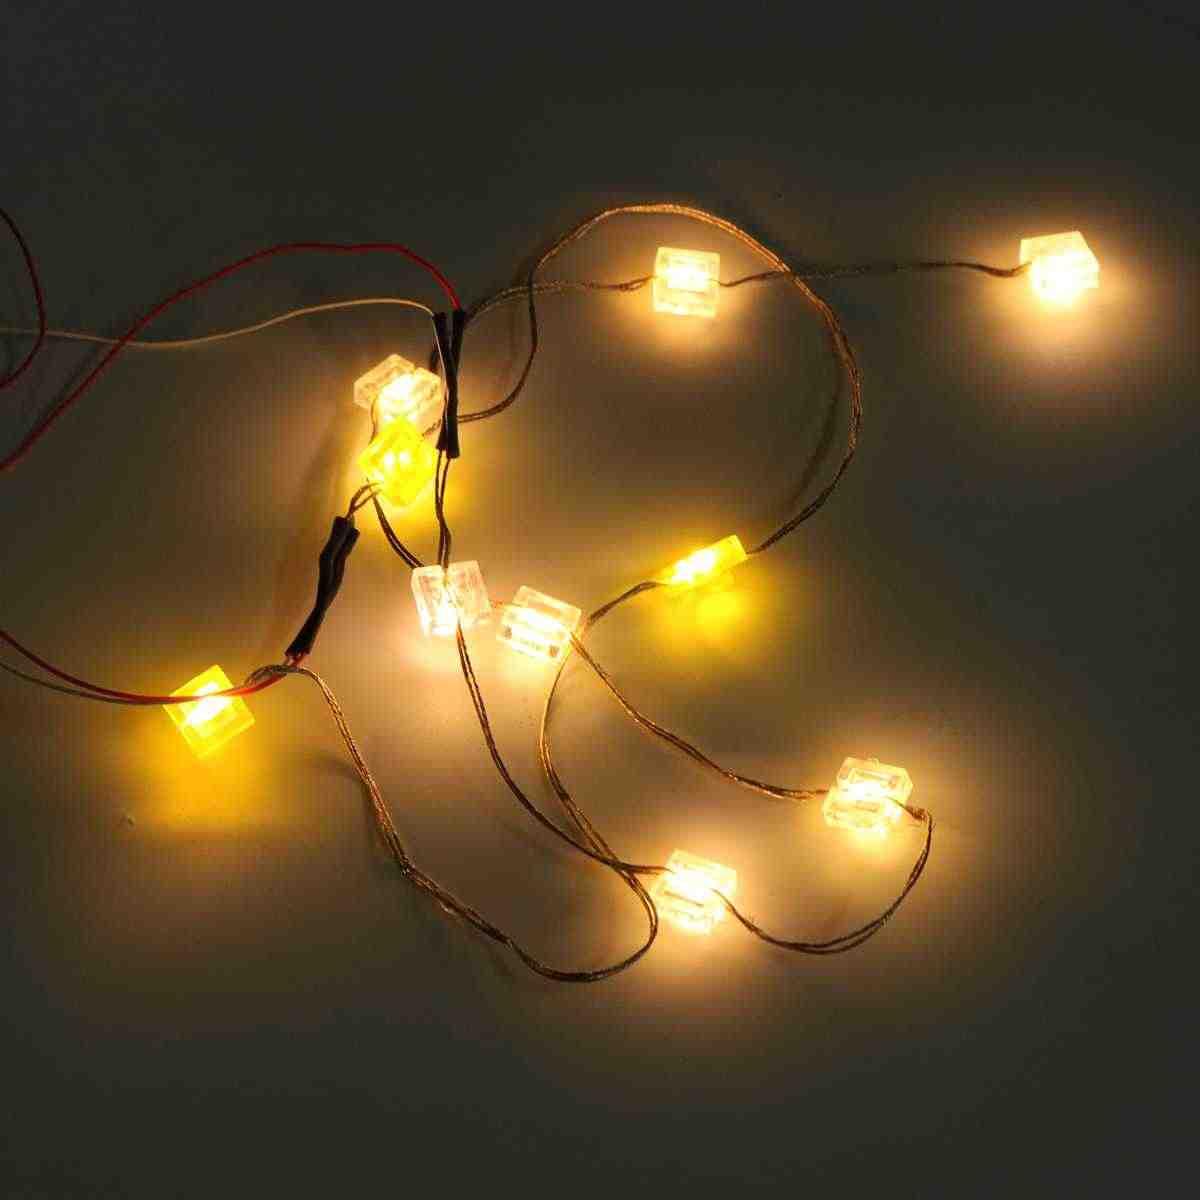 DIY LED Light zestaw oświetlenia dla Lego sklep budowlany modelu zabawki uniwersalne oświetlenie cegły zestaw nowy